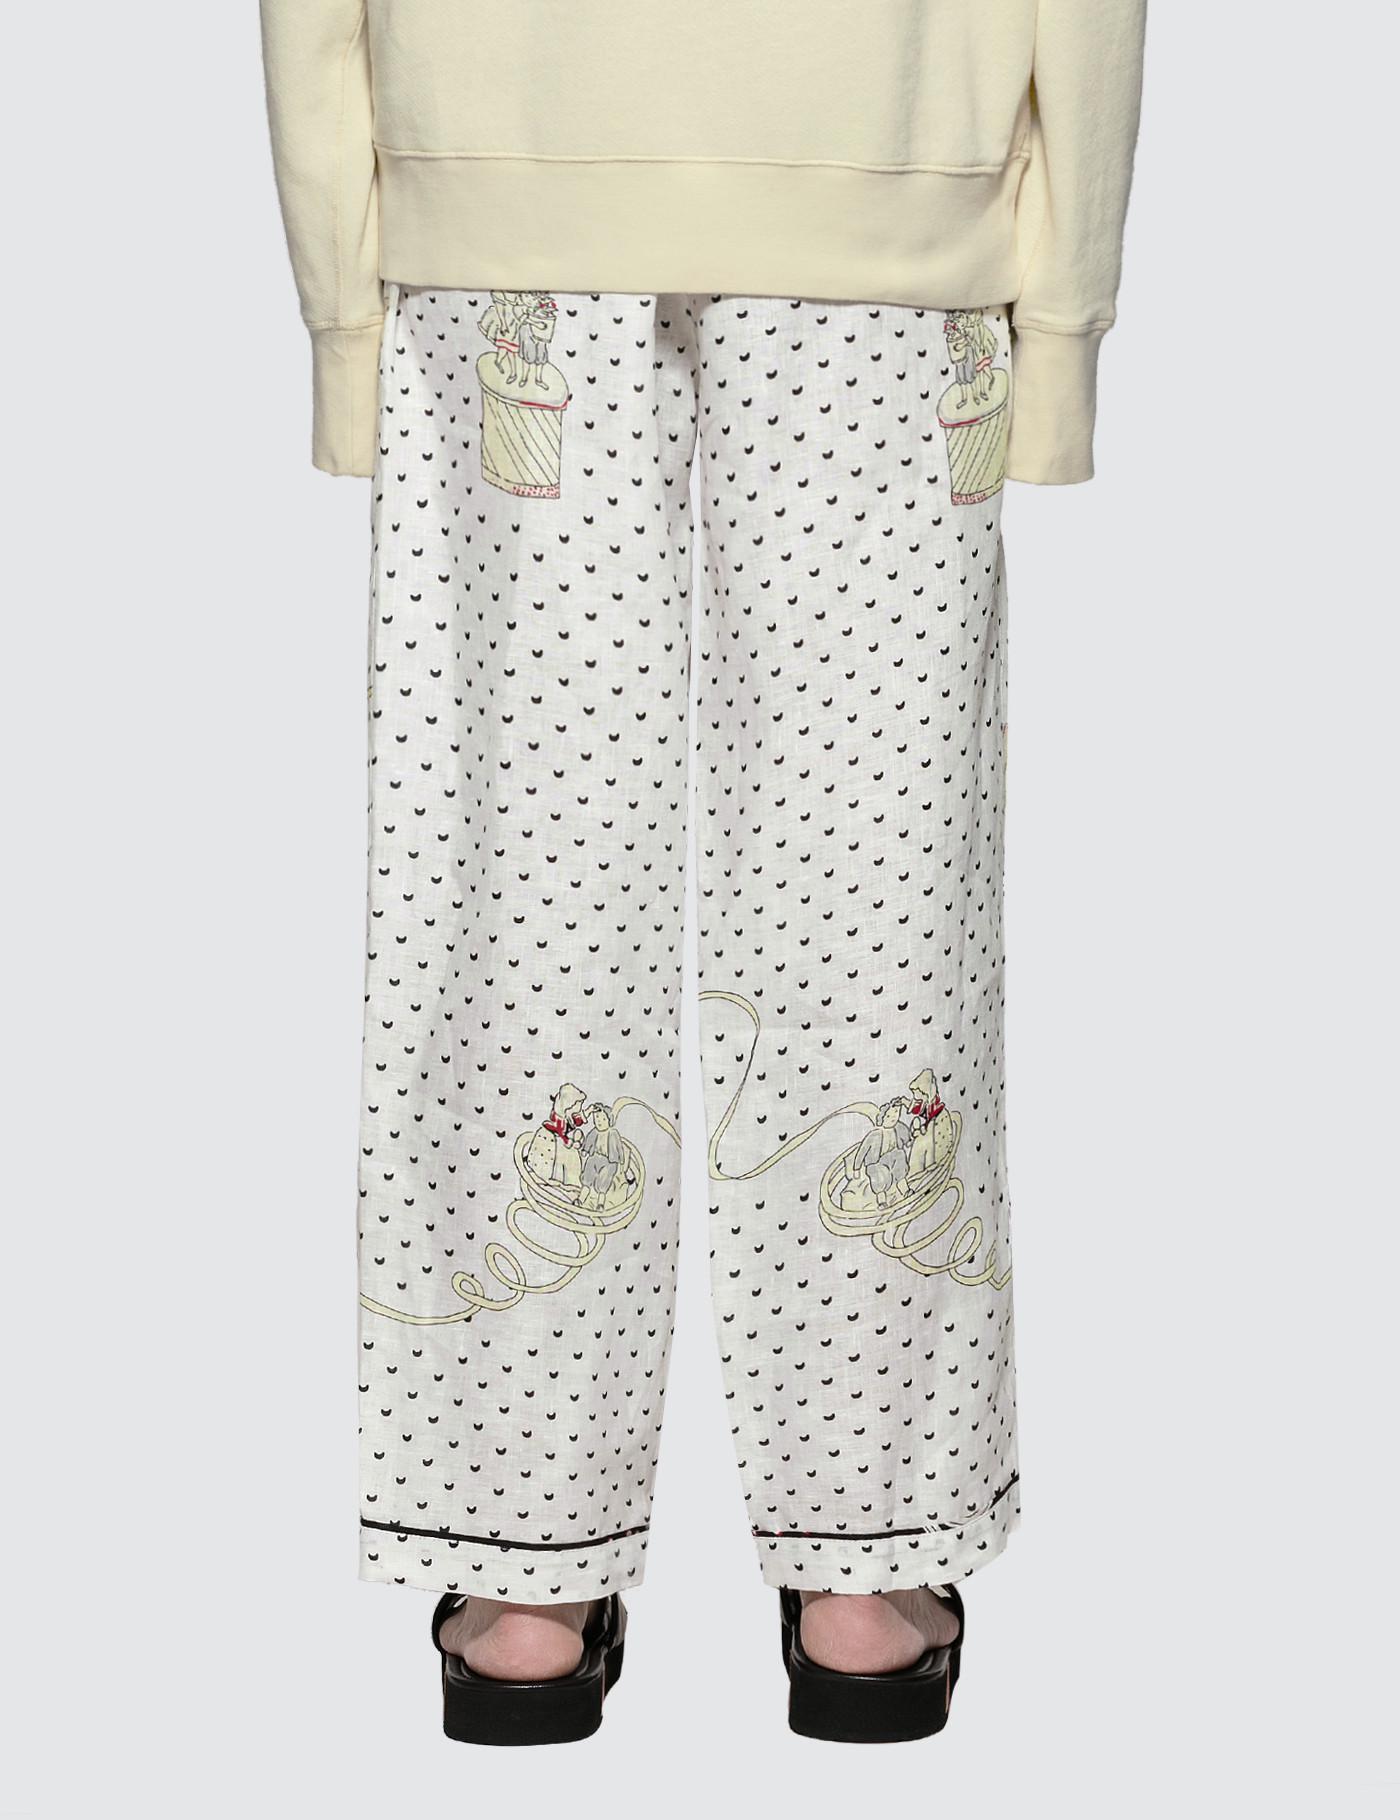 Loewe Linen Plumetis Pyjama Trousers in Black/White/Scarlet (White) for Men